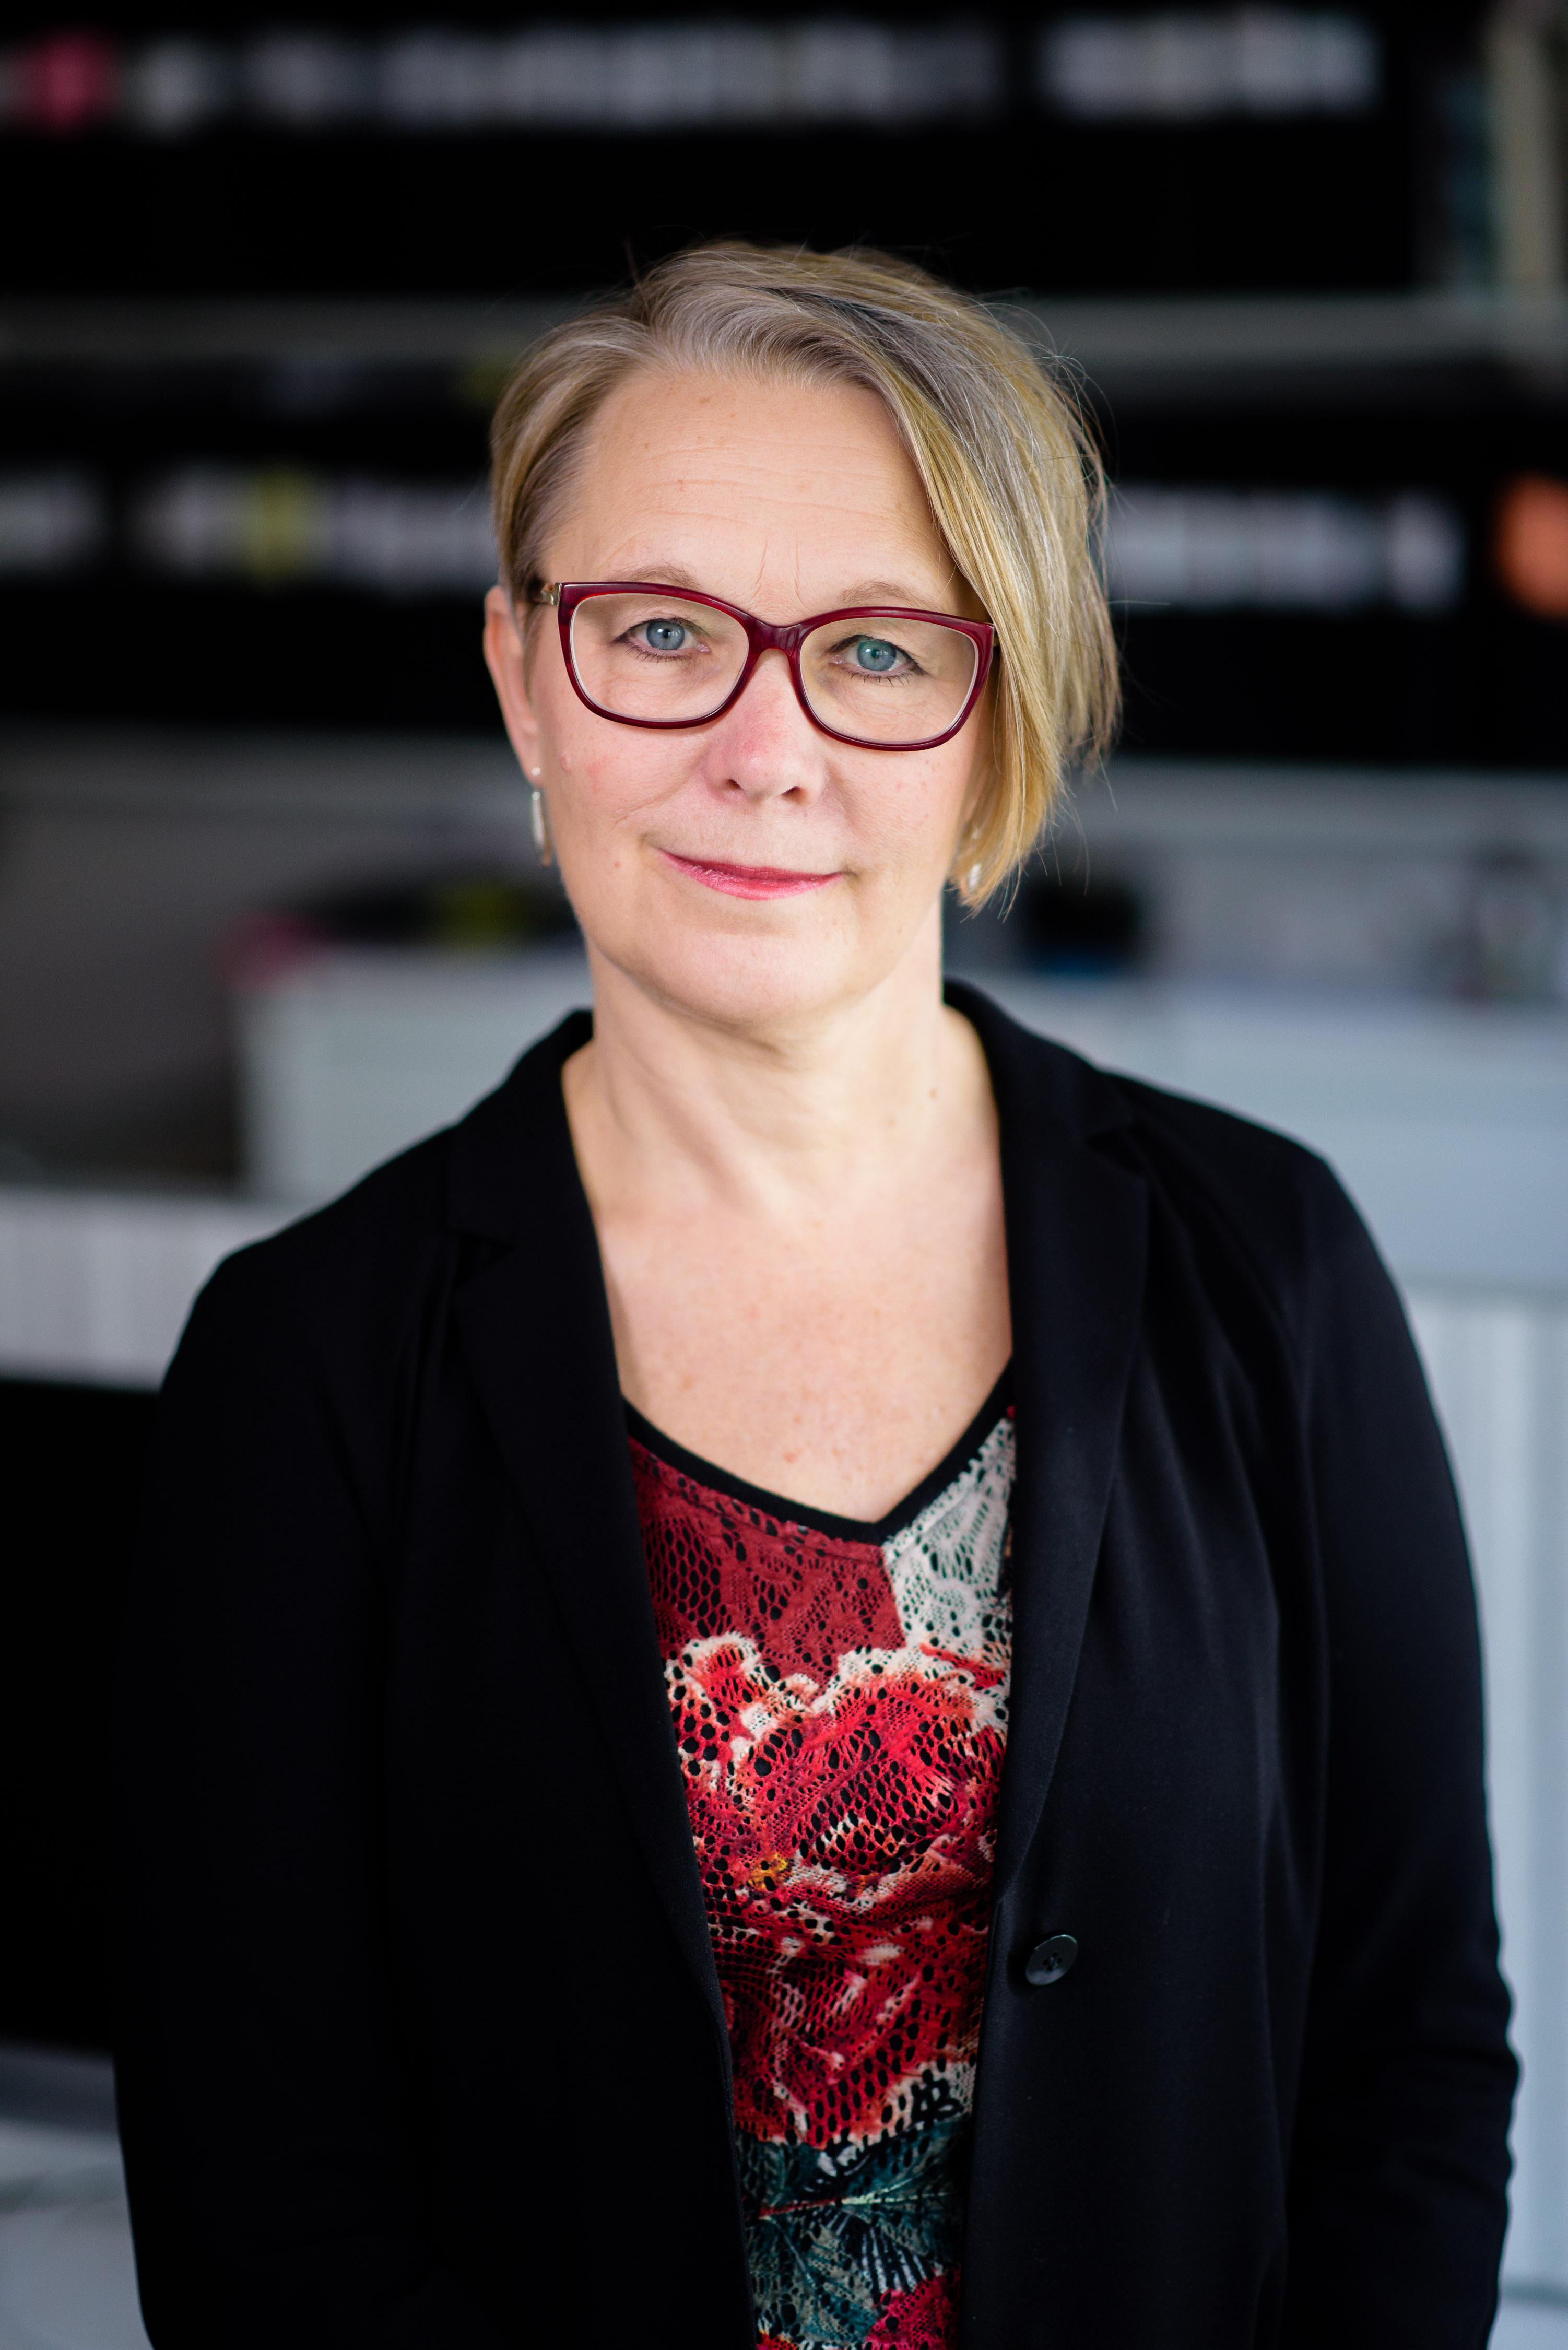 Porträtt av Anna-Karin Johansson